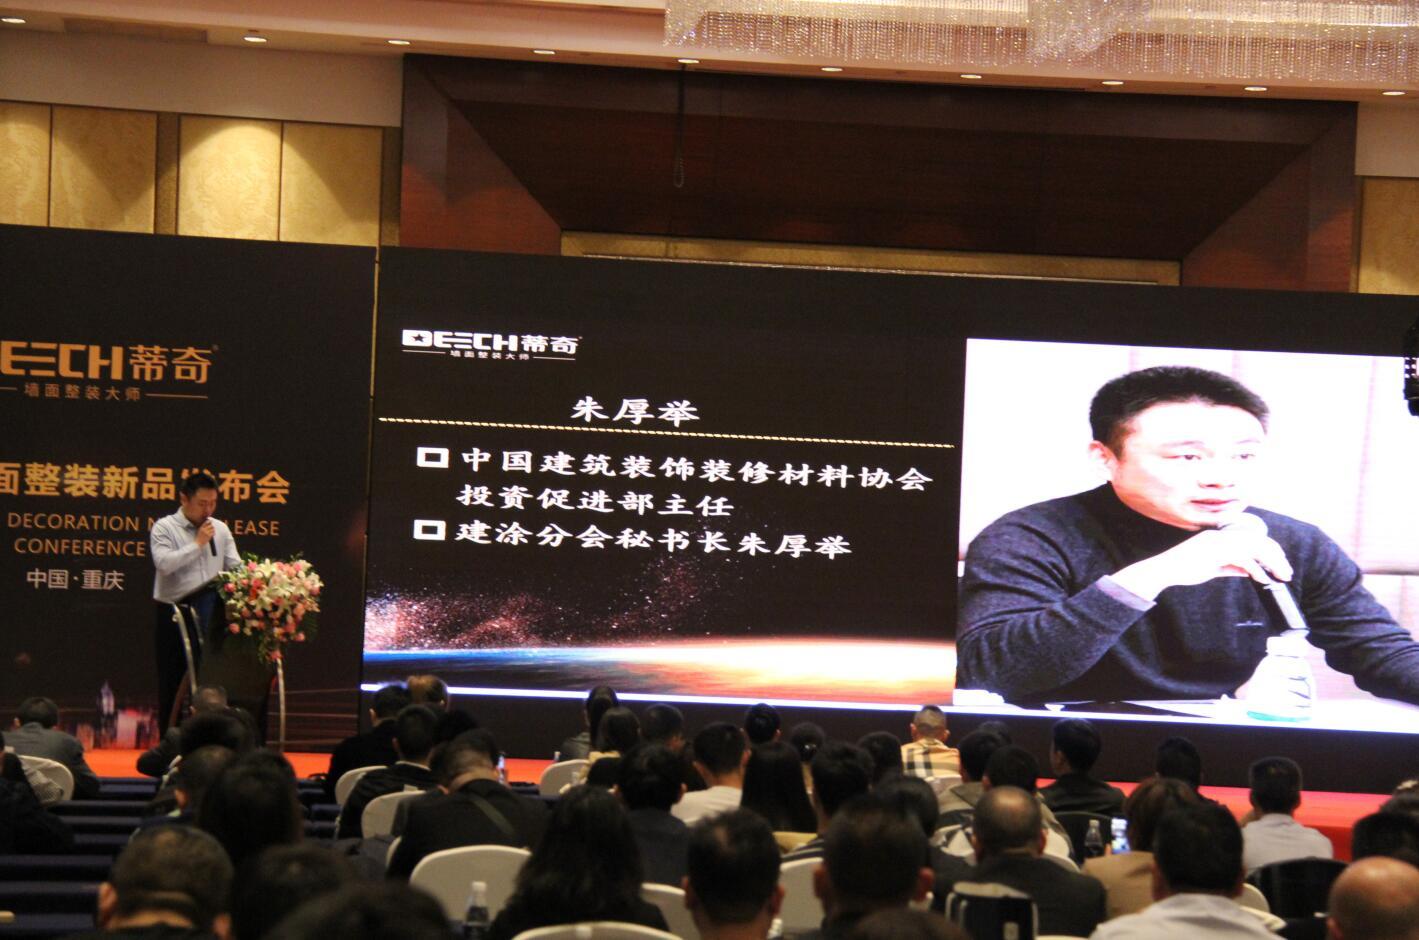 热烈庆祝中国墙面装修创新发展总裁高峰论坛 暨蒂奇墙面整装新品发布会盛大举行